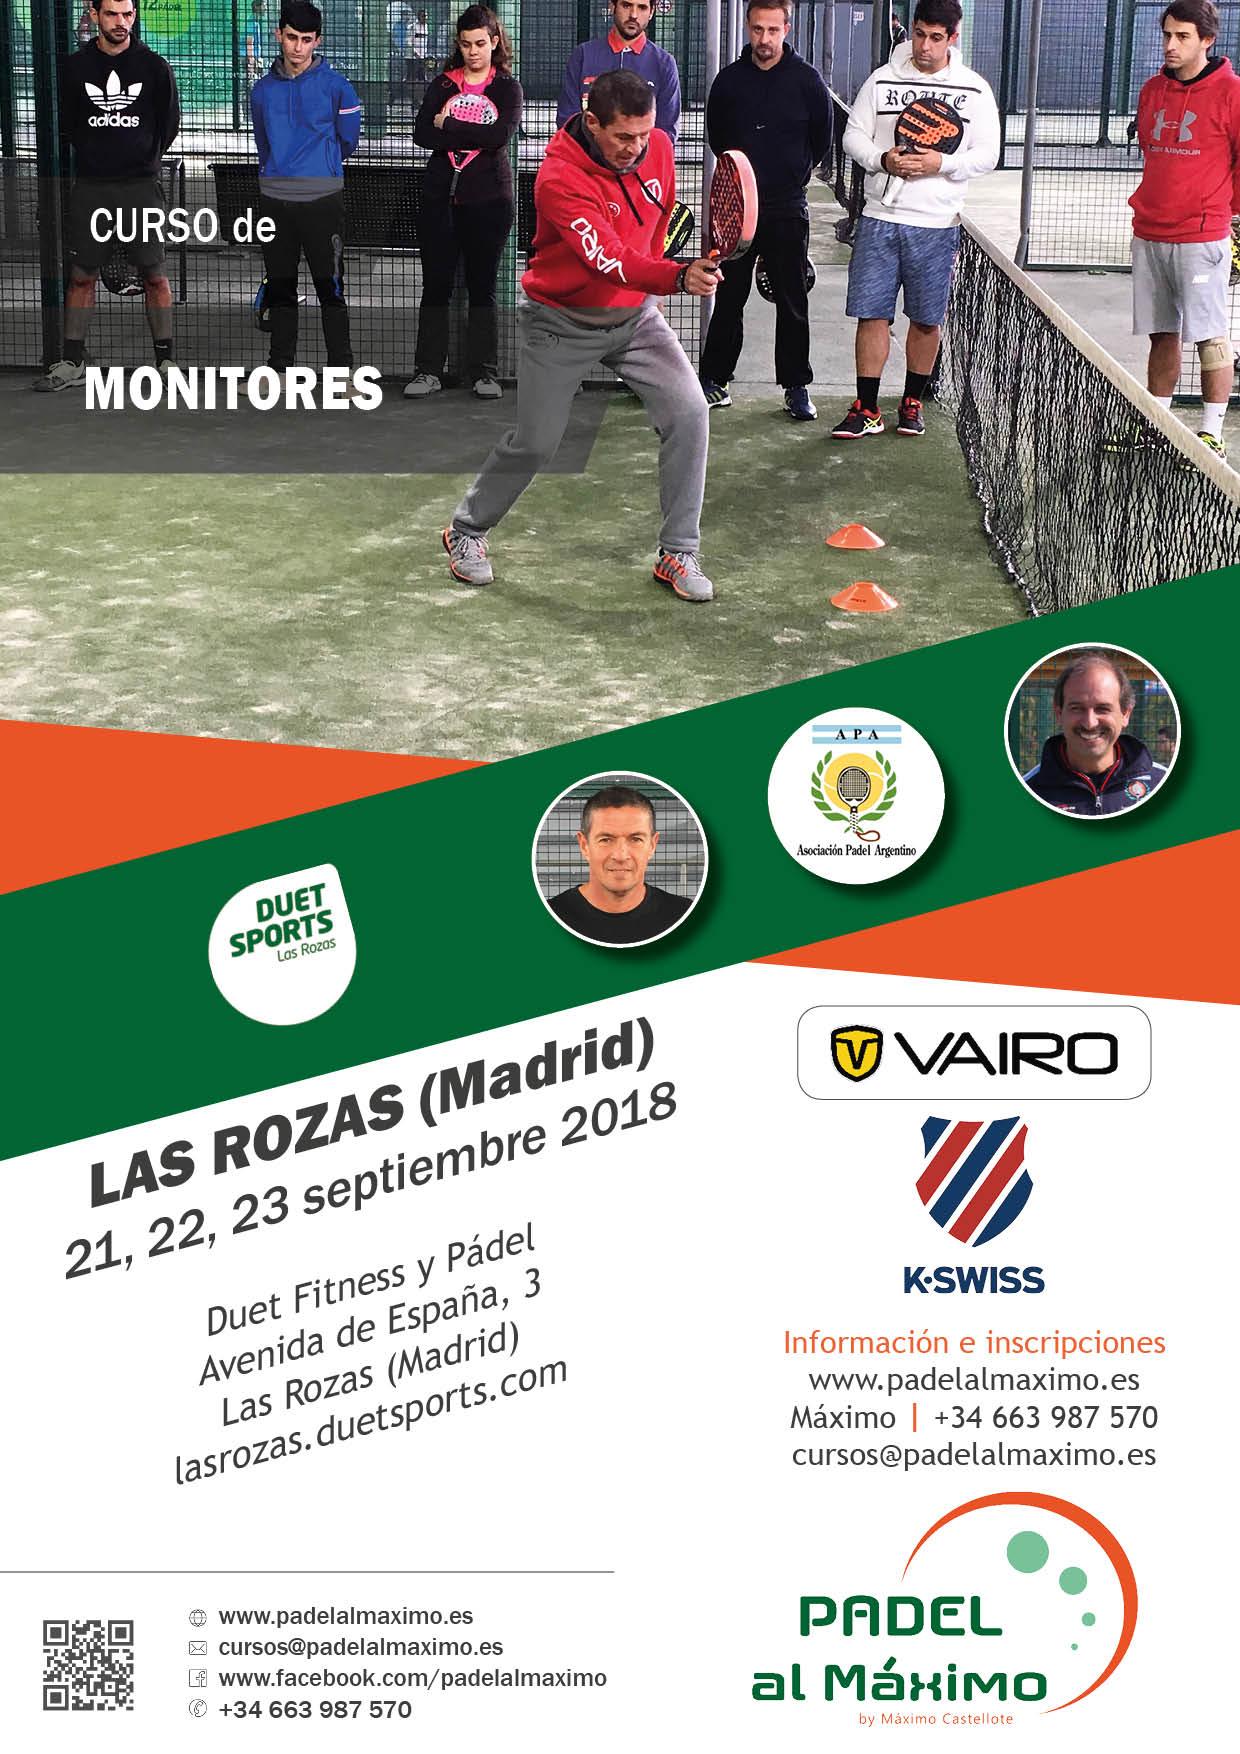 210918_Monitores_Las-Rozas